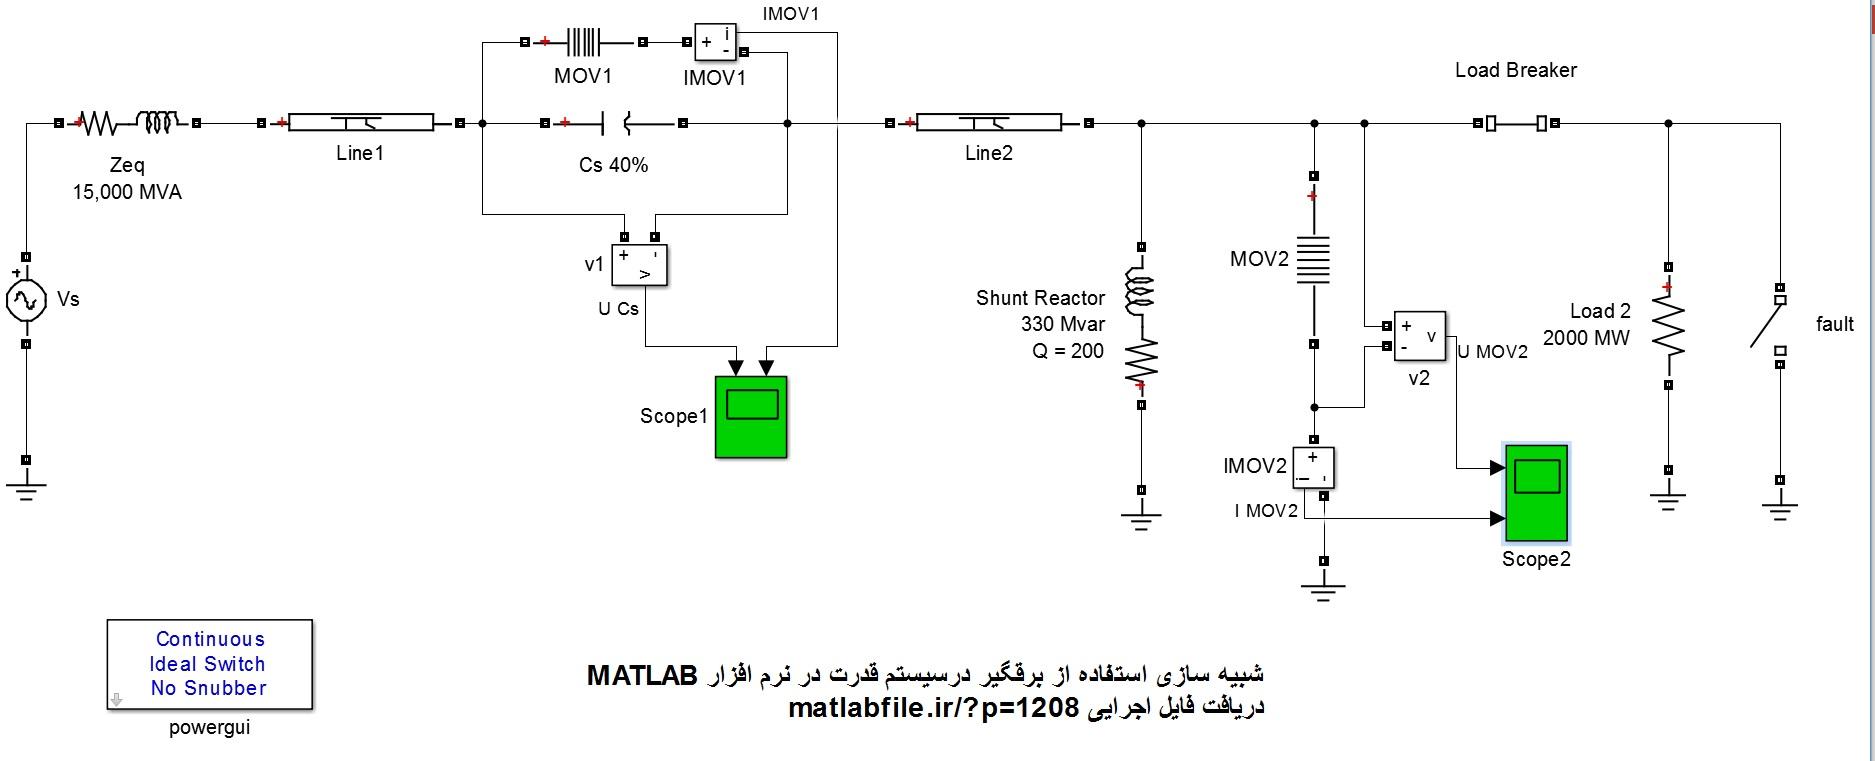 شبیه سازی استفاده از برقگیر درسیستم قدرت در نرم افزار MATLAB